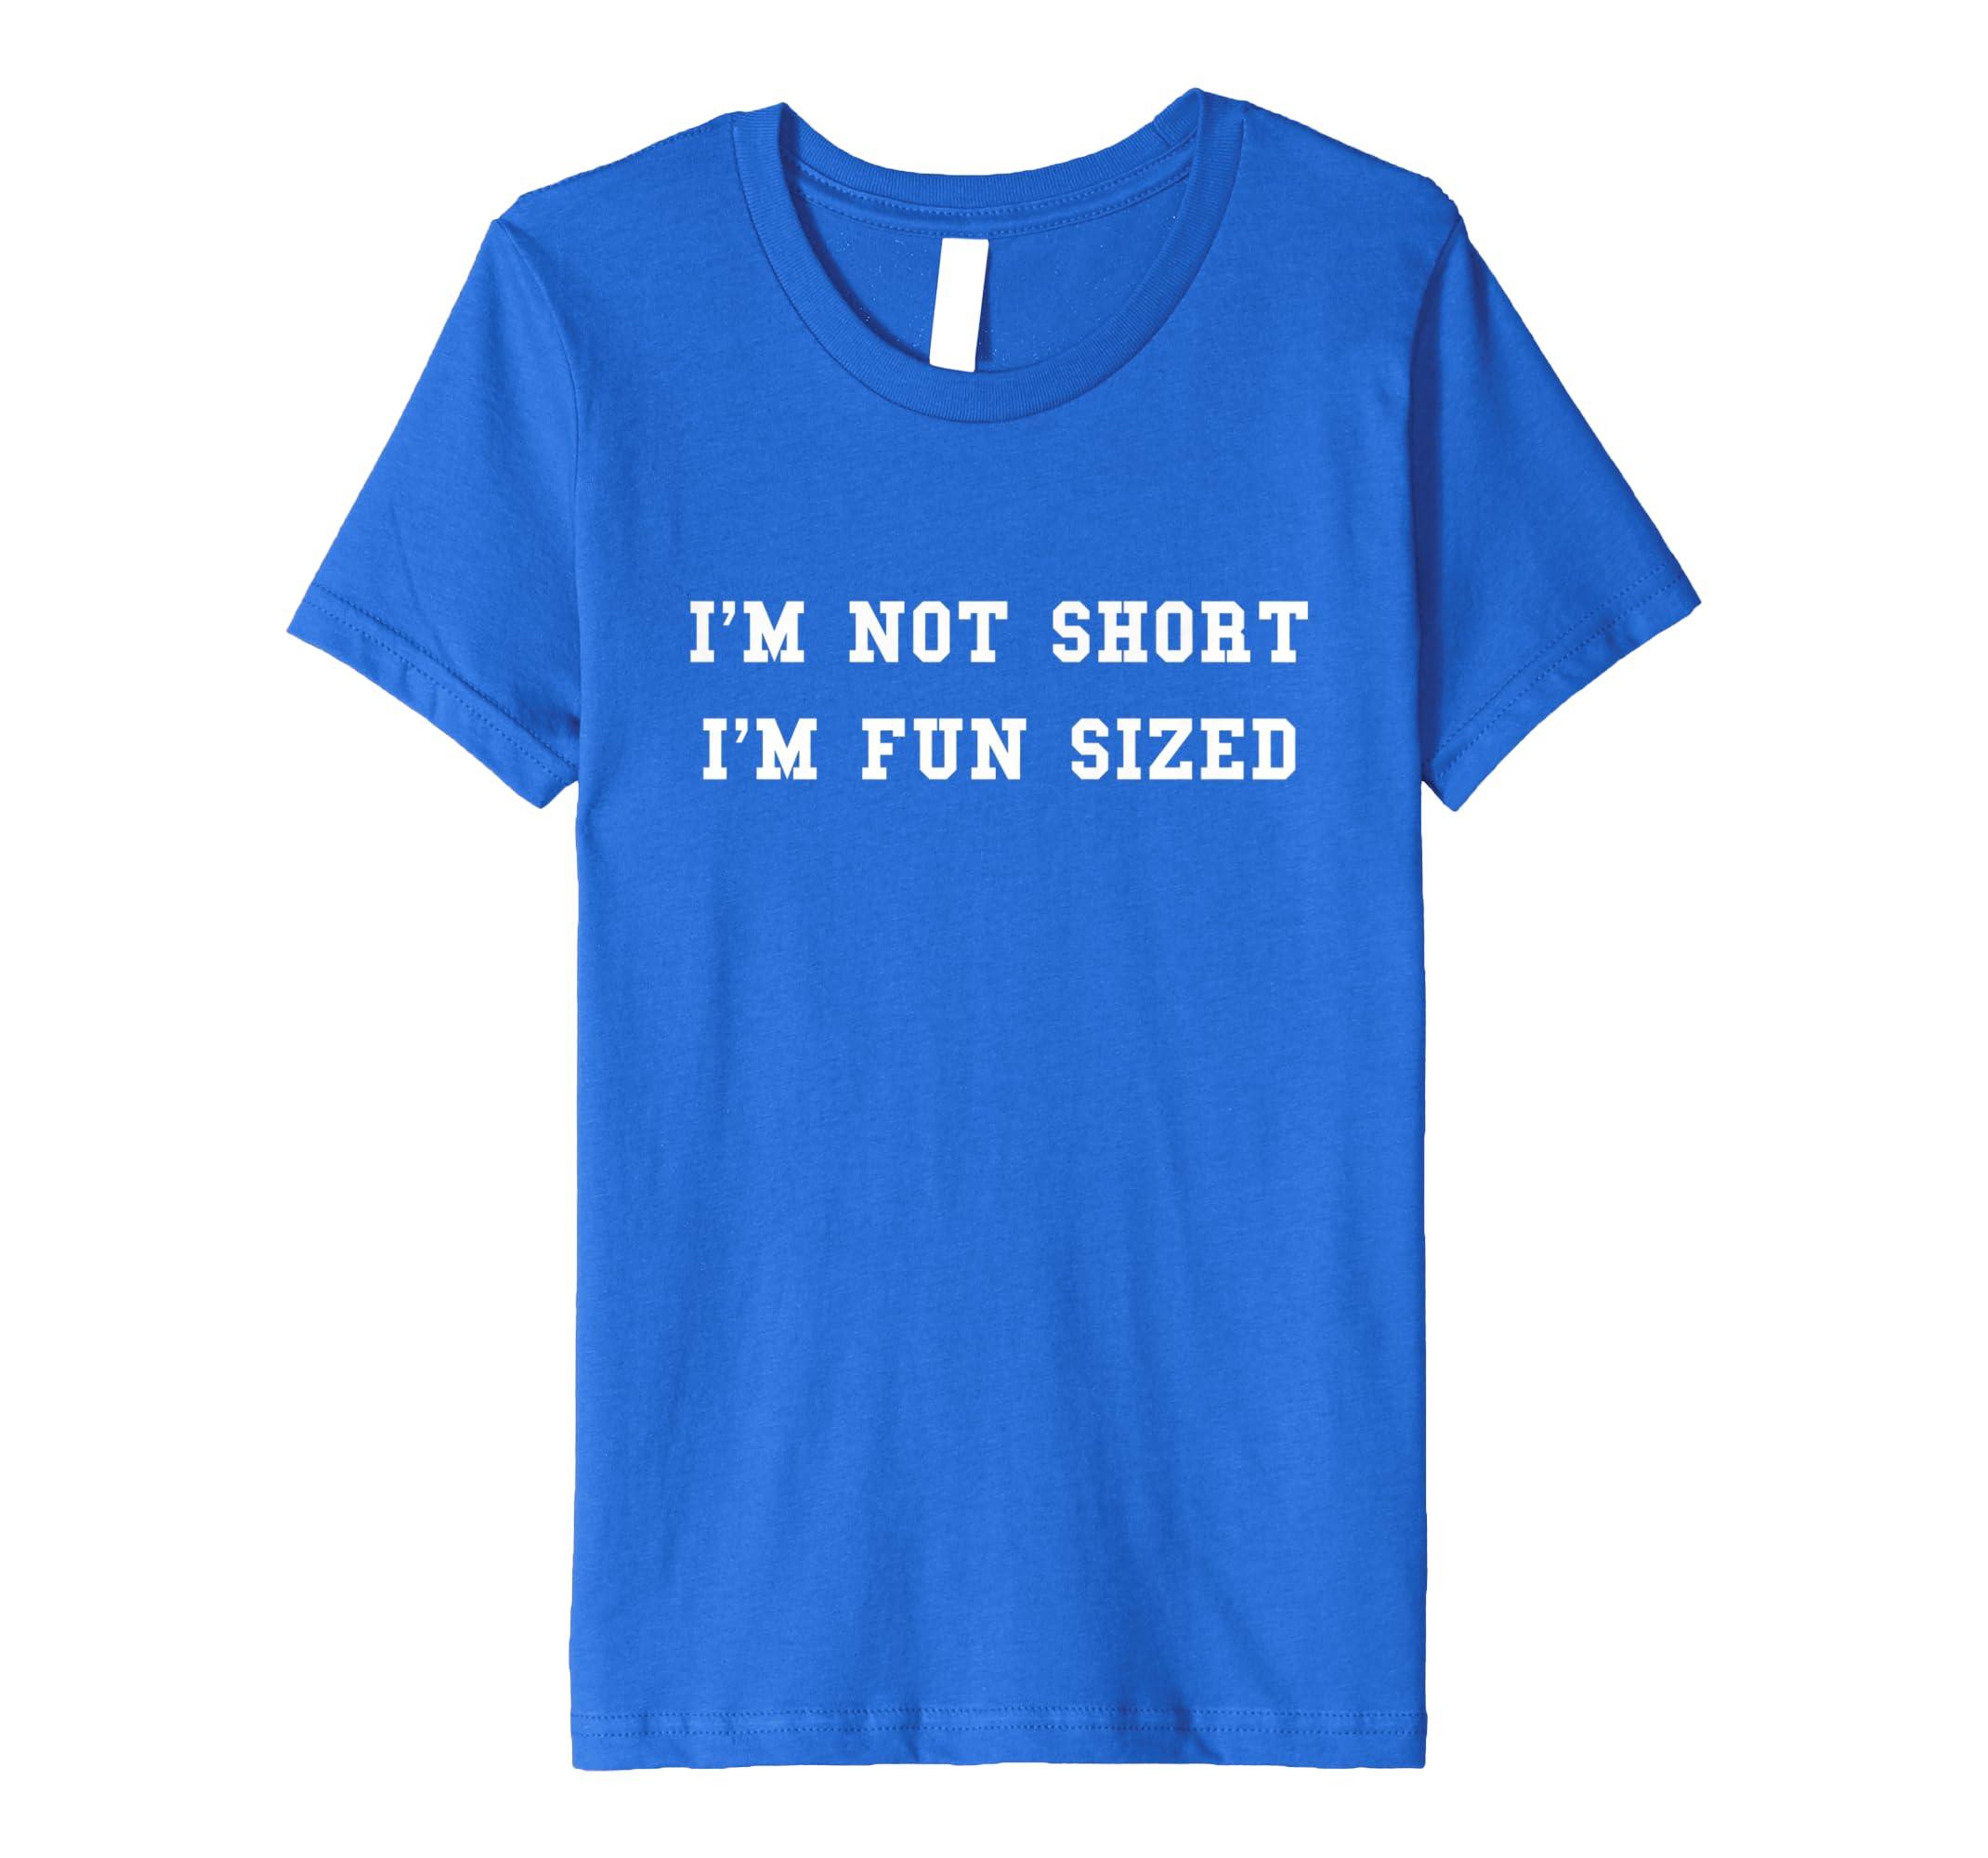 short ppl